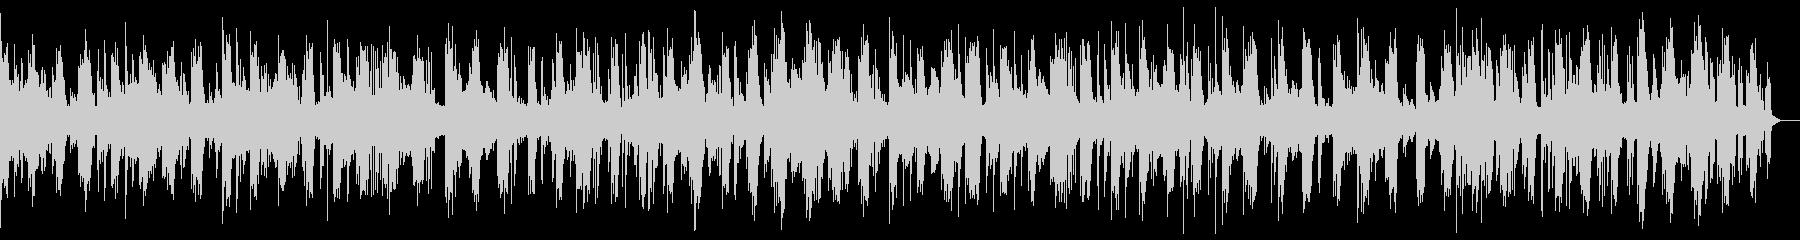 悠長で繊細なピアノヒーリングミュージックの未再生の波形